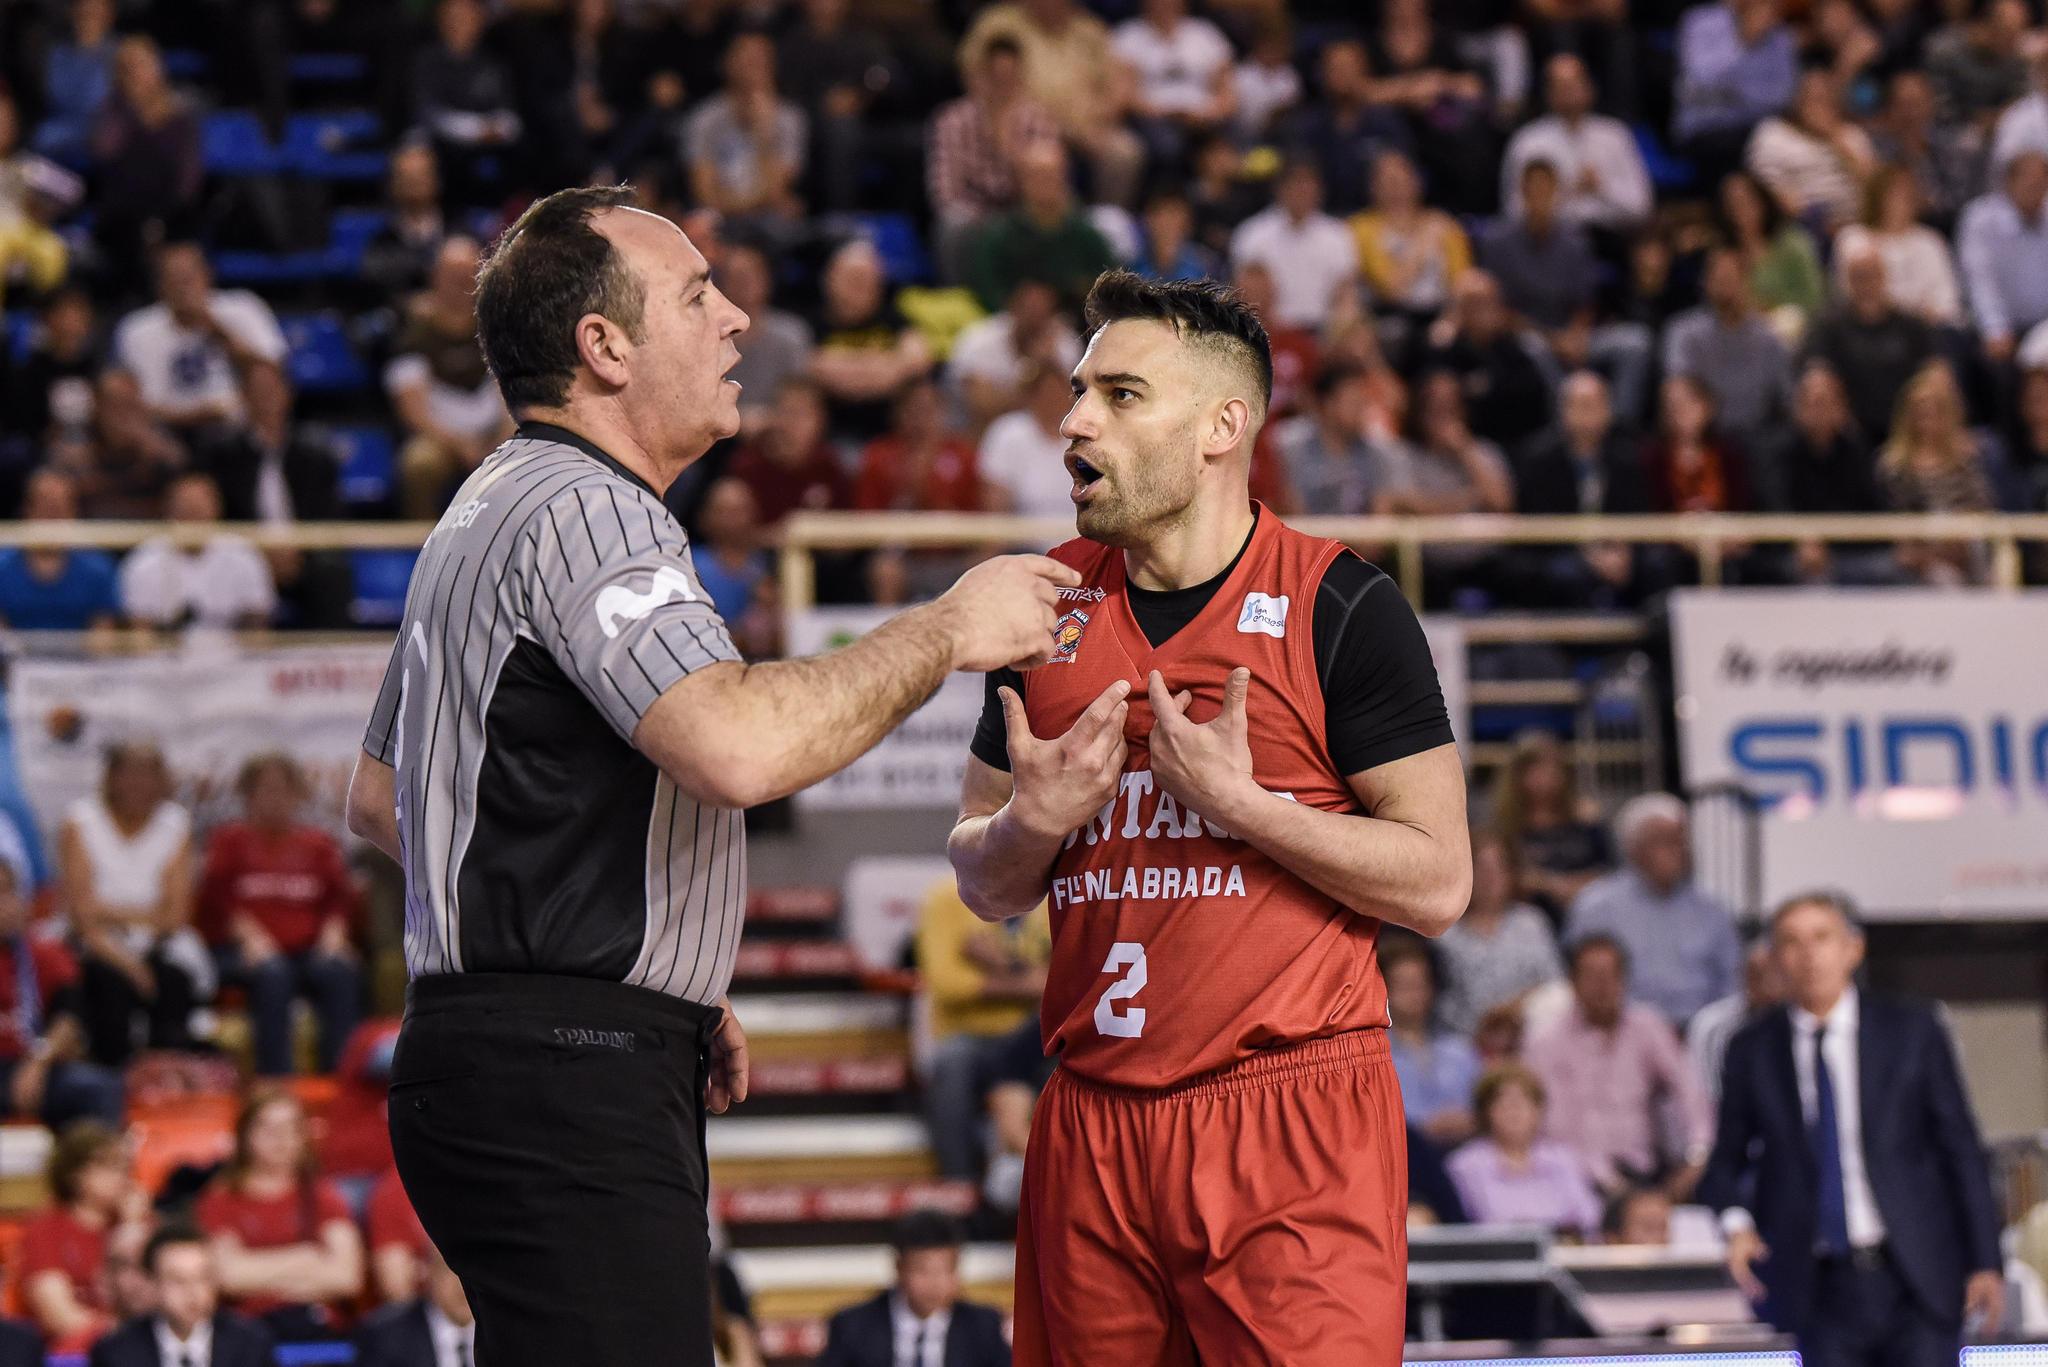 (Foto: Rubén de la Fuente)